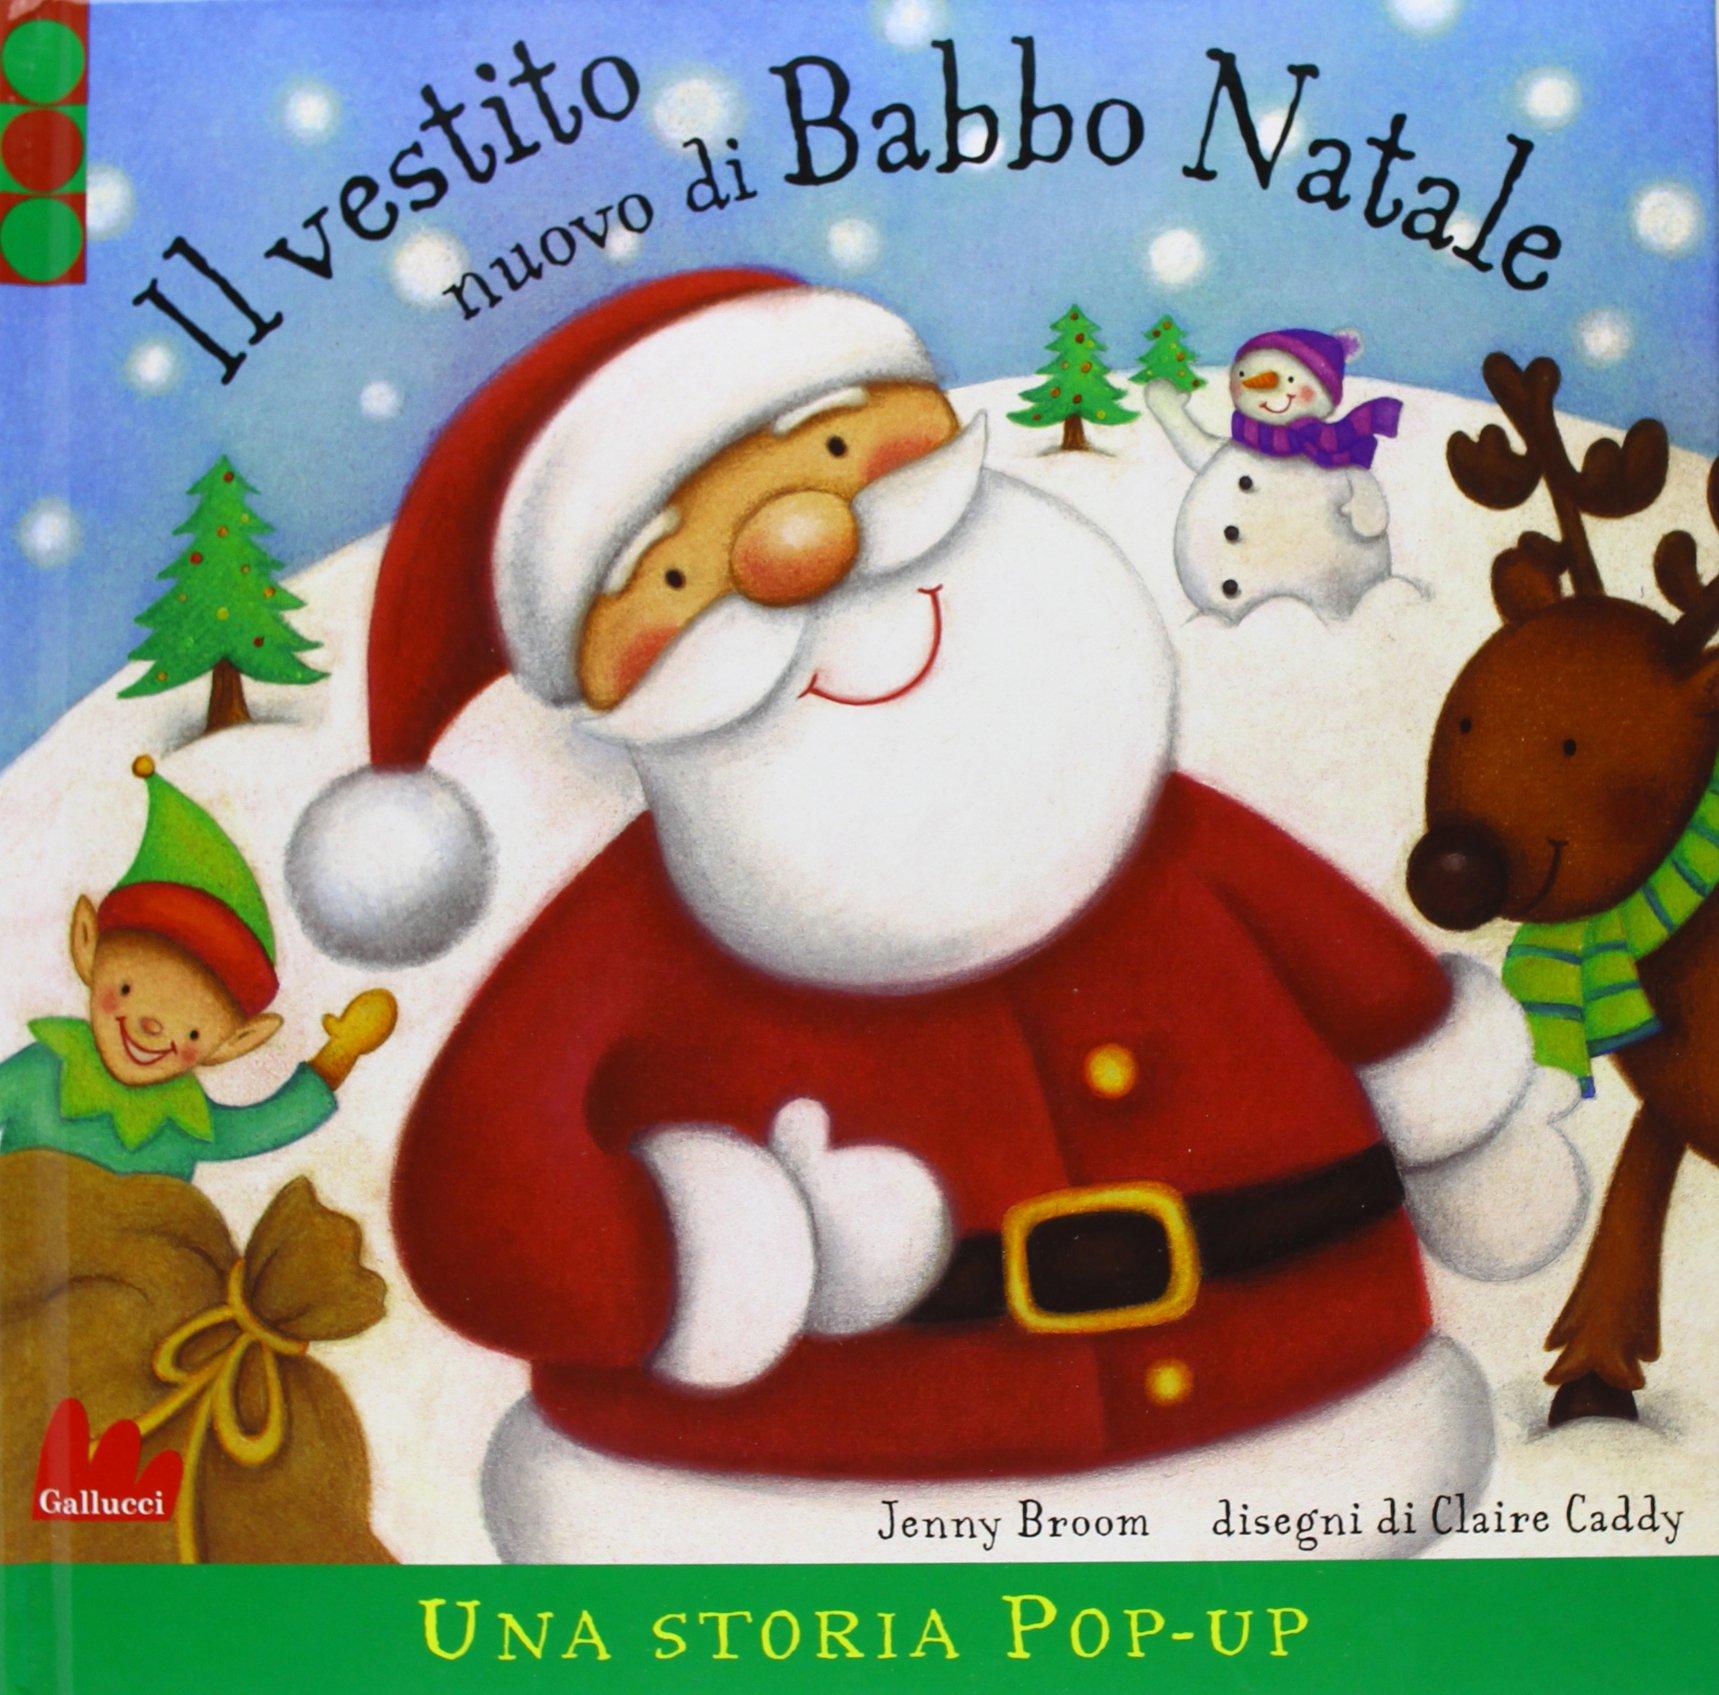 Il Vestito Nuovo Di Babbo Natale.Il Vestito Nuovo Di Babbo Natale Libro Pop Up 9788861455795 Amazon Com Books